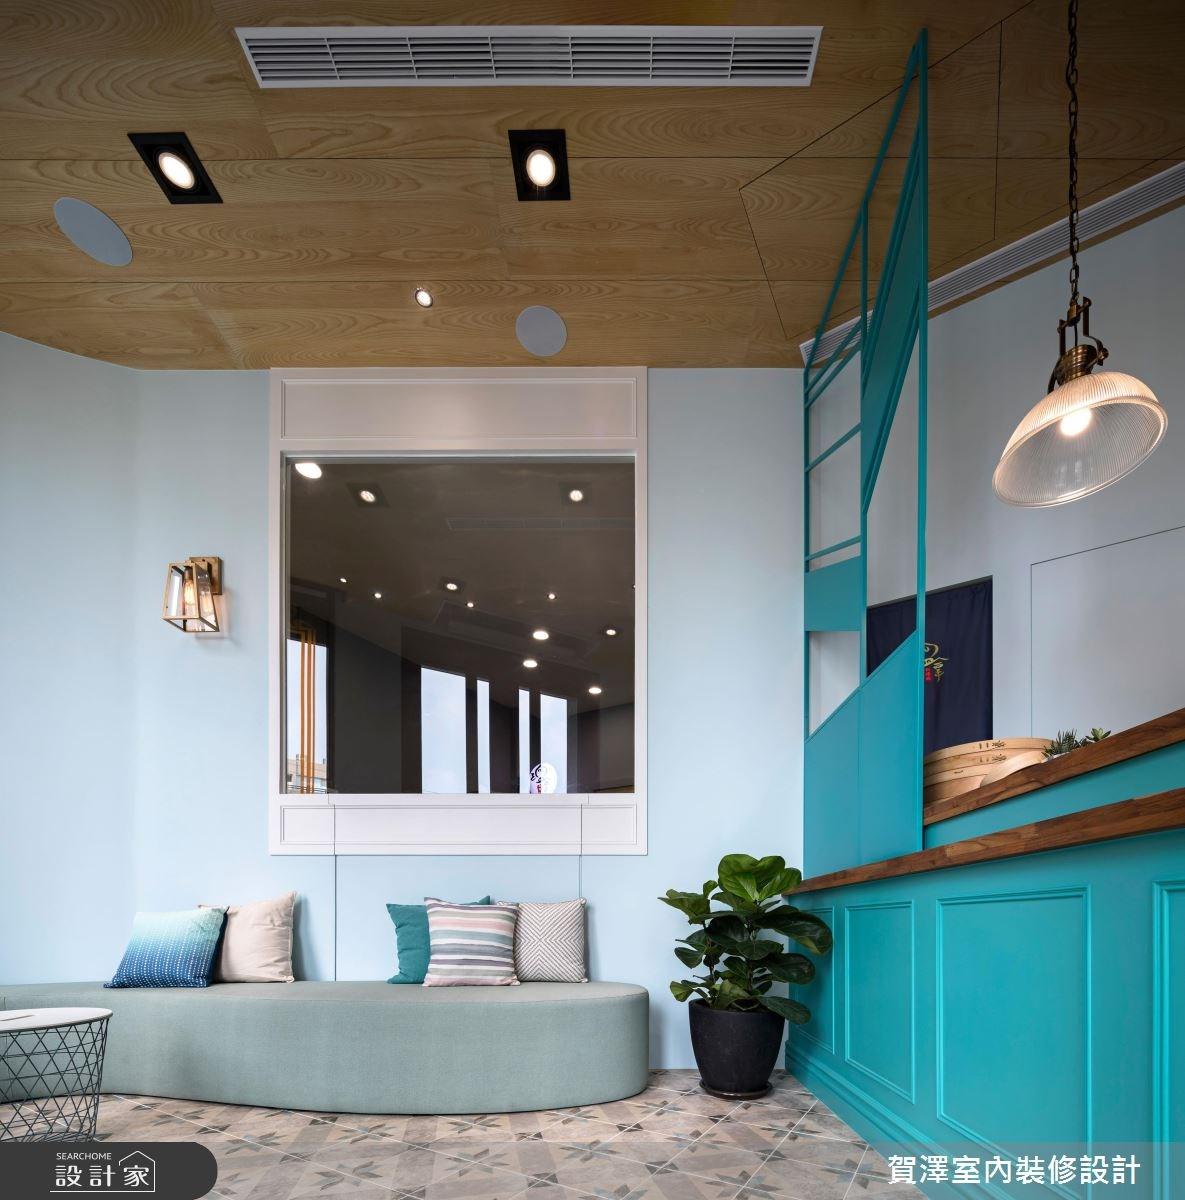 20坪新成屋(5年以下)_療癒風商業空間案例圖片_賀澤室內設計_賀澤_31之2